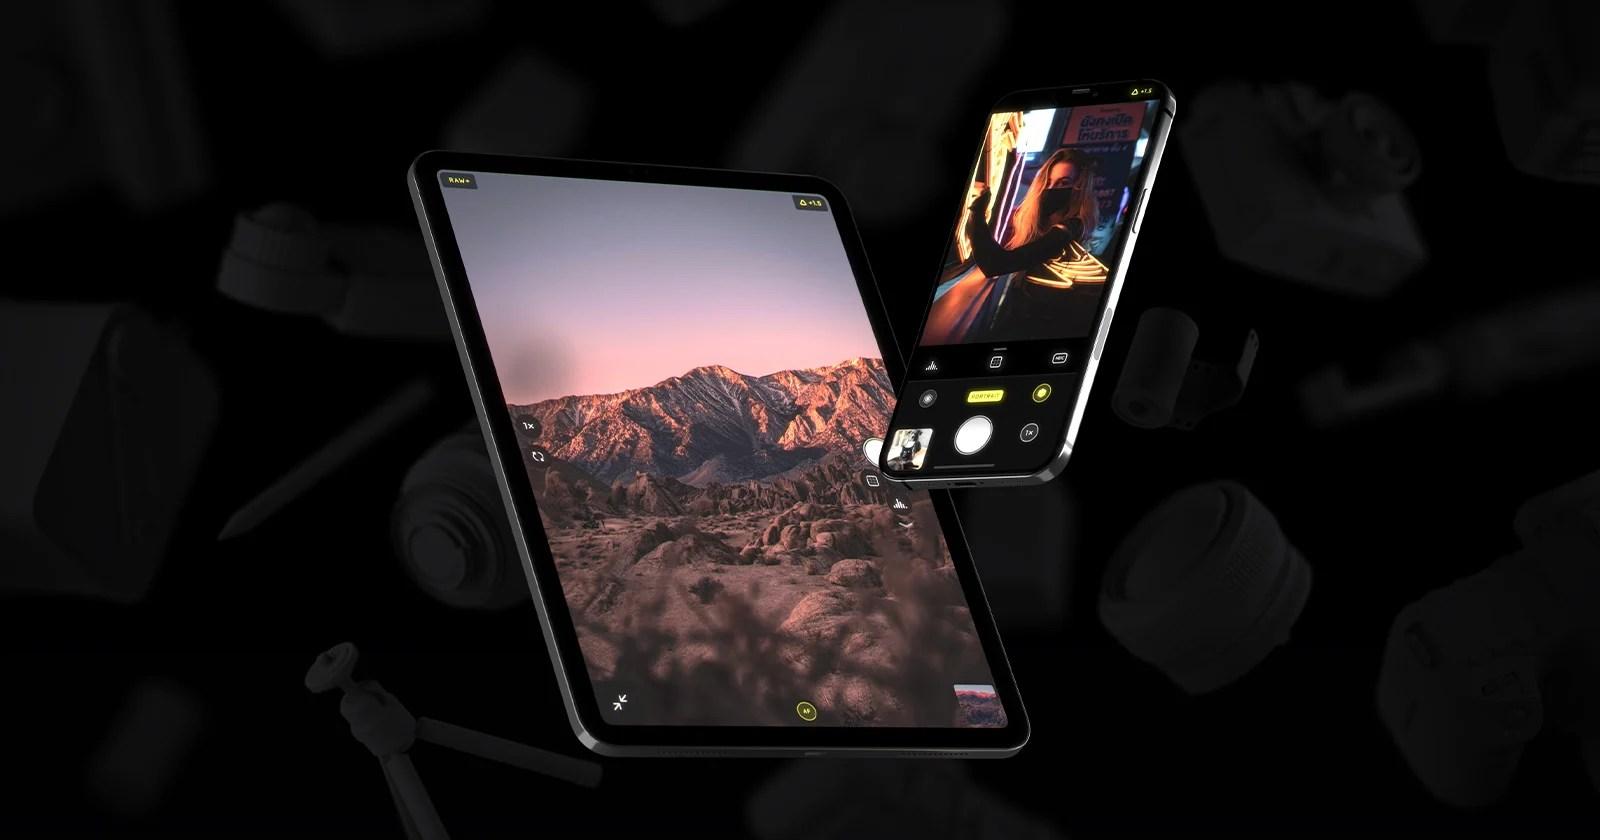 L'app Halide Camera viene lanciata su iPad con un'interfaccia utente ridisegnata